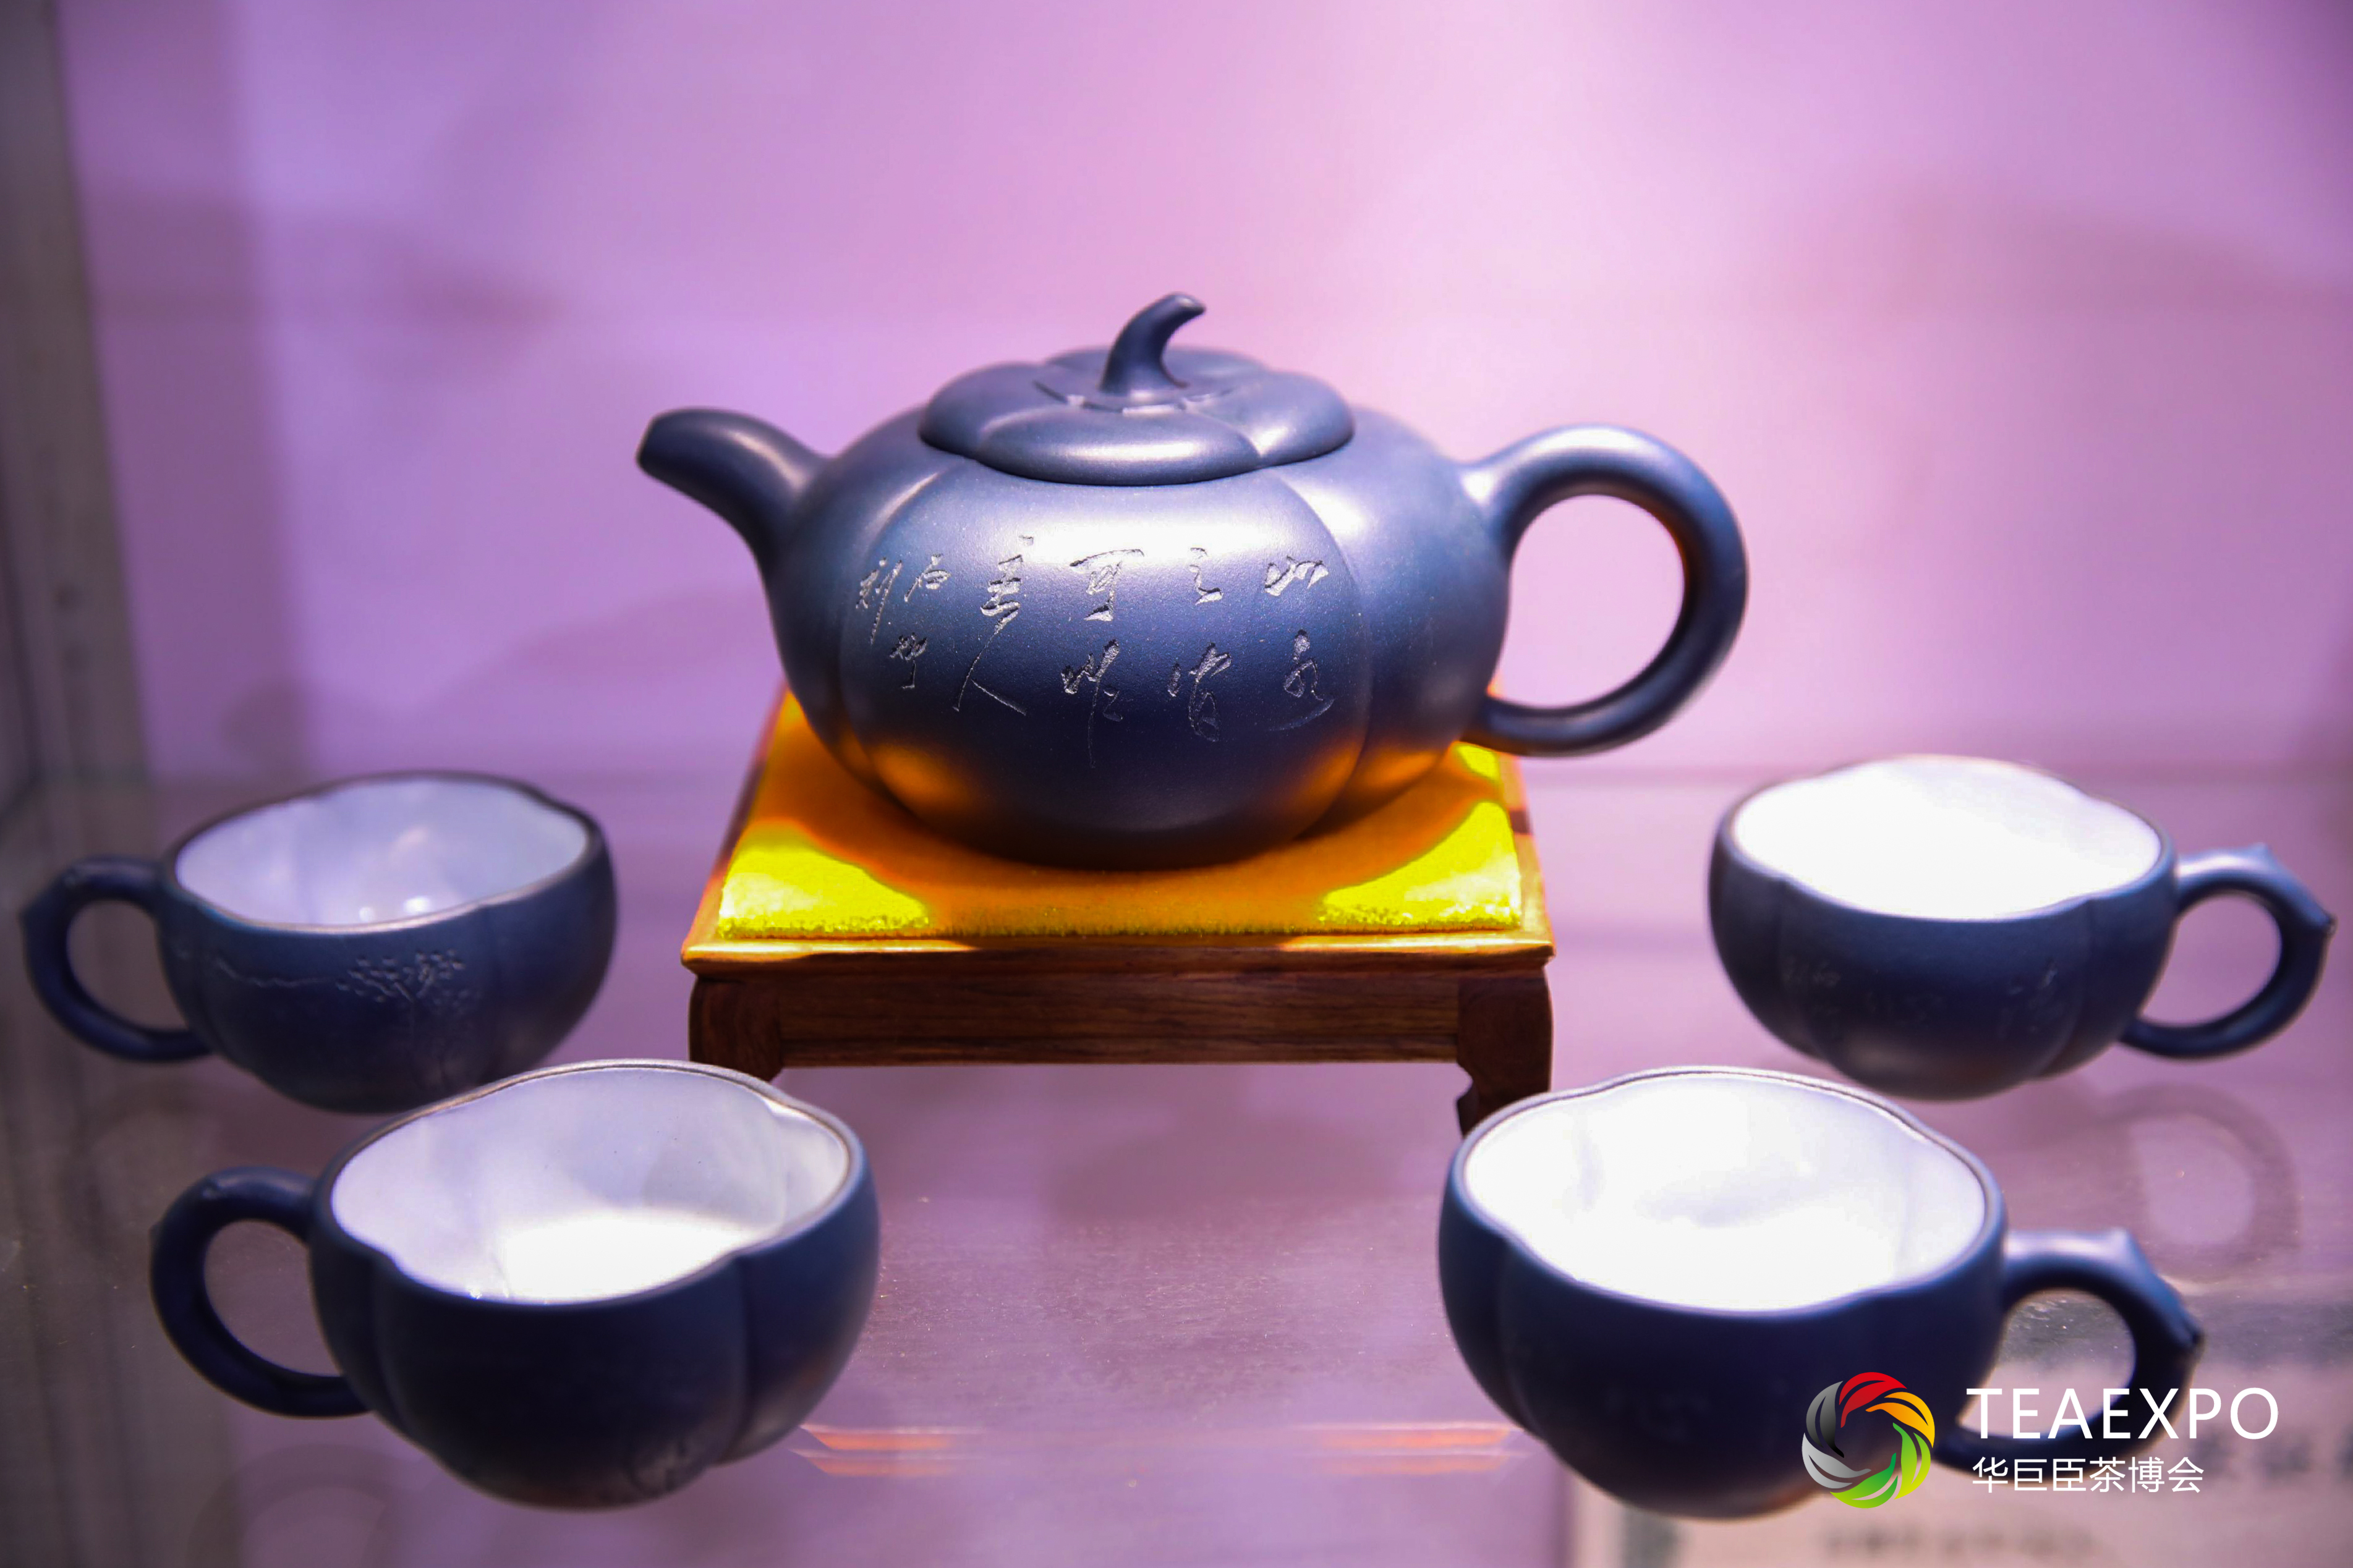 汇名茶雅器,展春之茗韵 | 华巨臣第8届长春茶博会盛大开幕!-焦点中国网